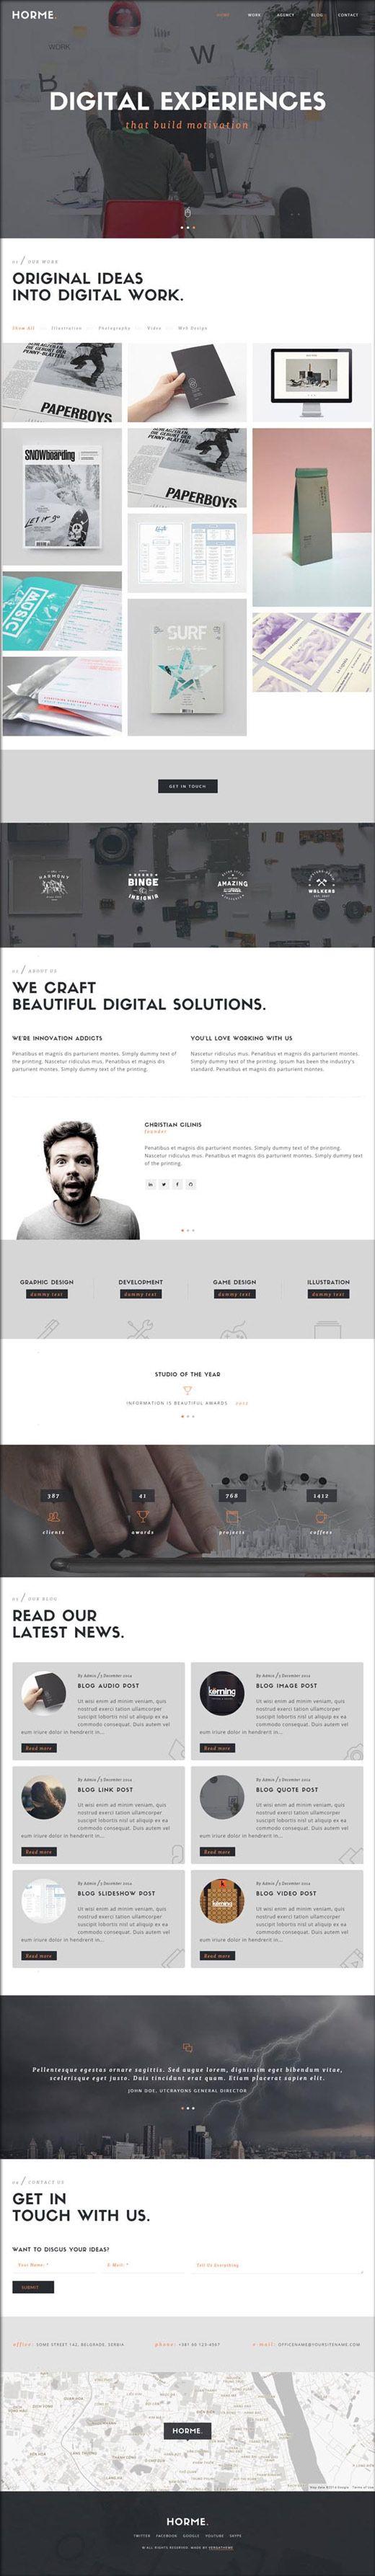 レスポンシブWebデザイン対応の新しいWordPressテーマ2015